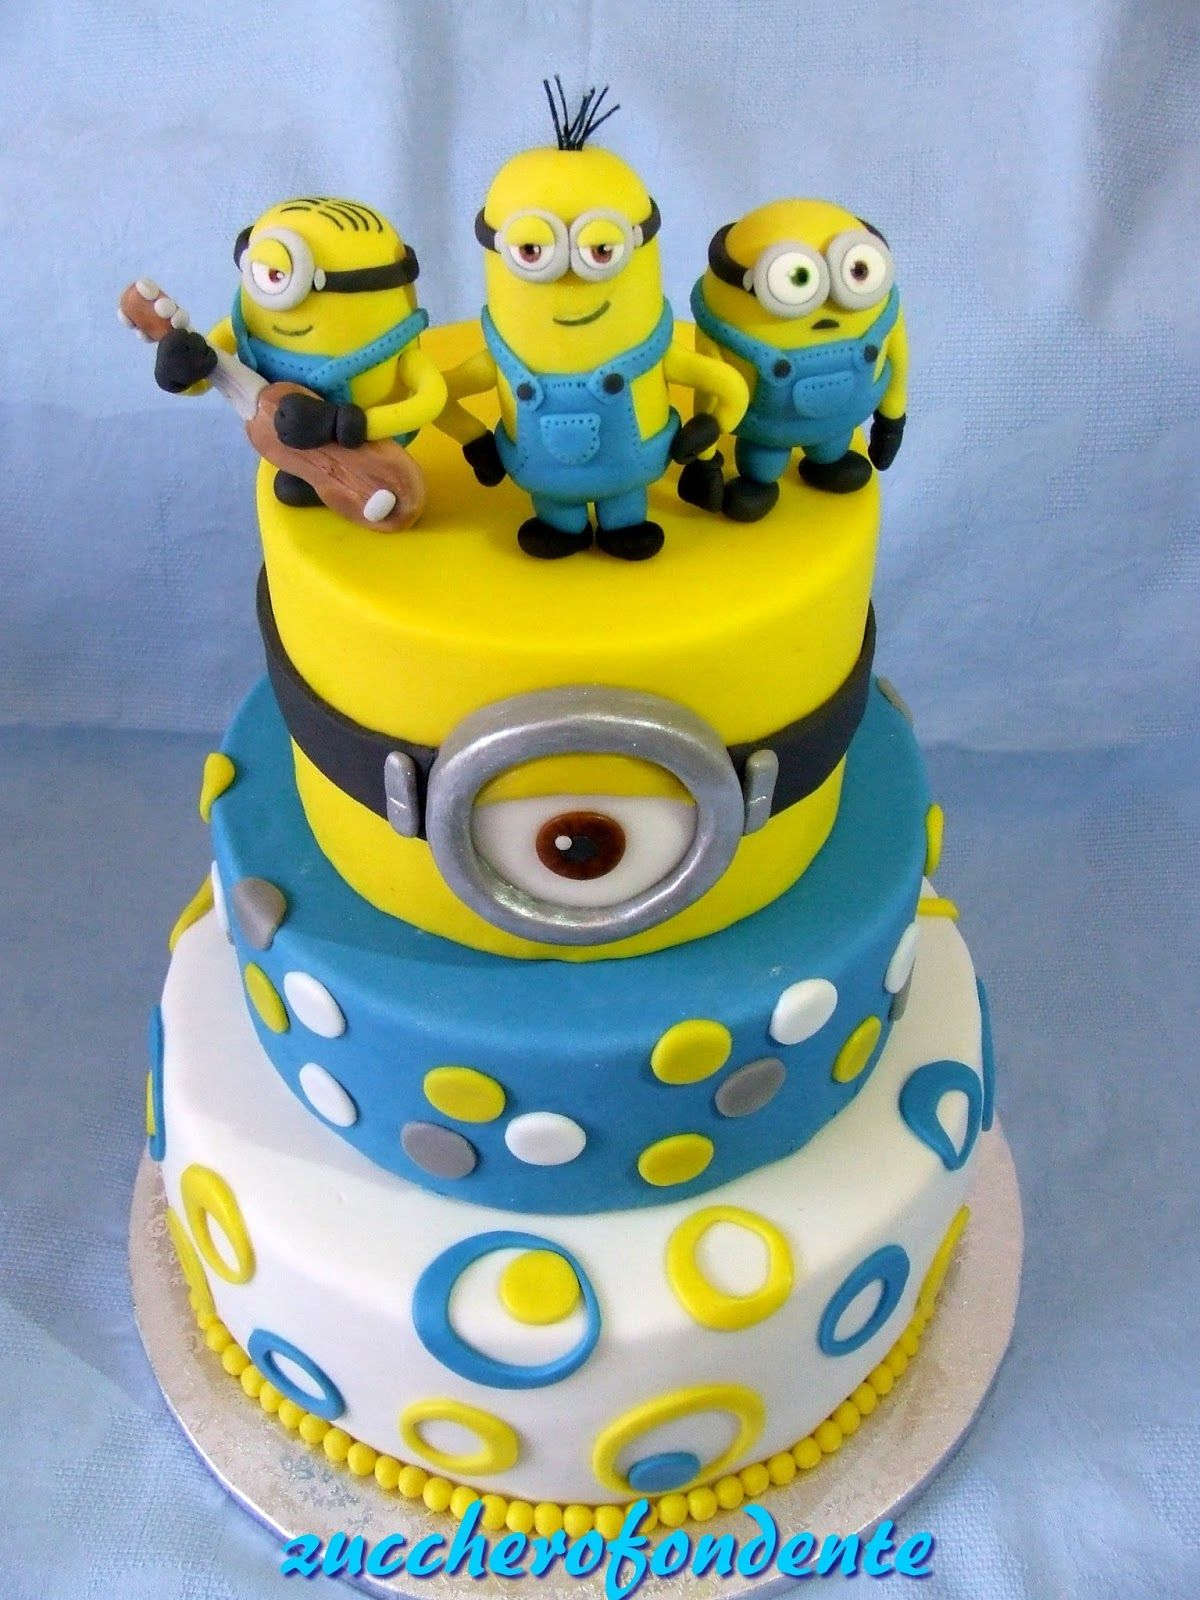 Torte Minions A Piani Cerca Con Google Minions Geburtstag